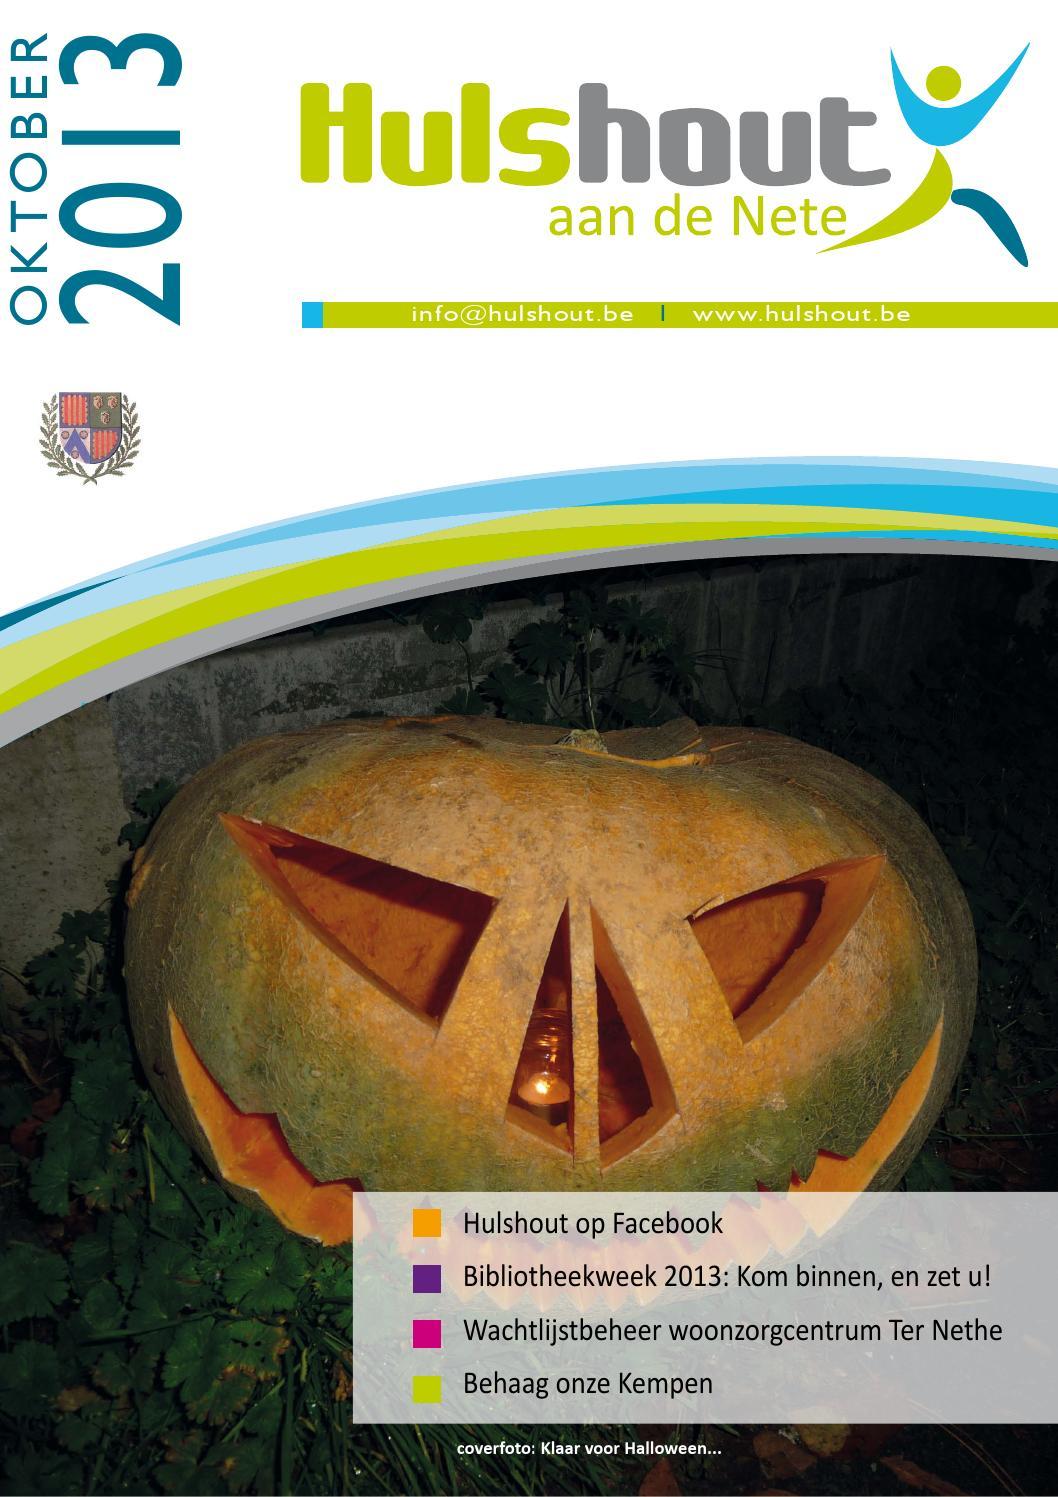 Halloween aansluiting 2013 uitleggen radiocarbon dating van fossielen